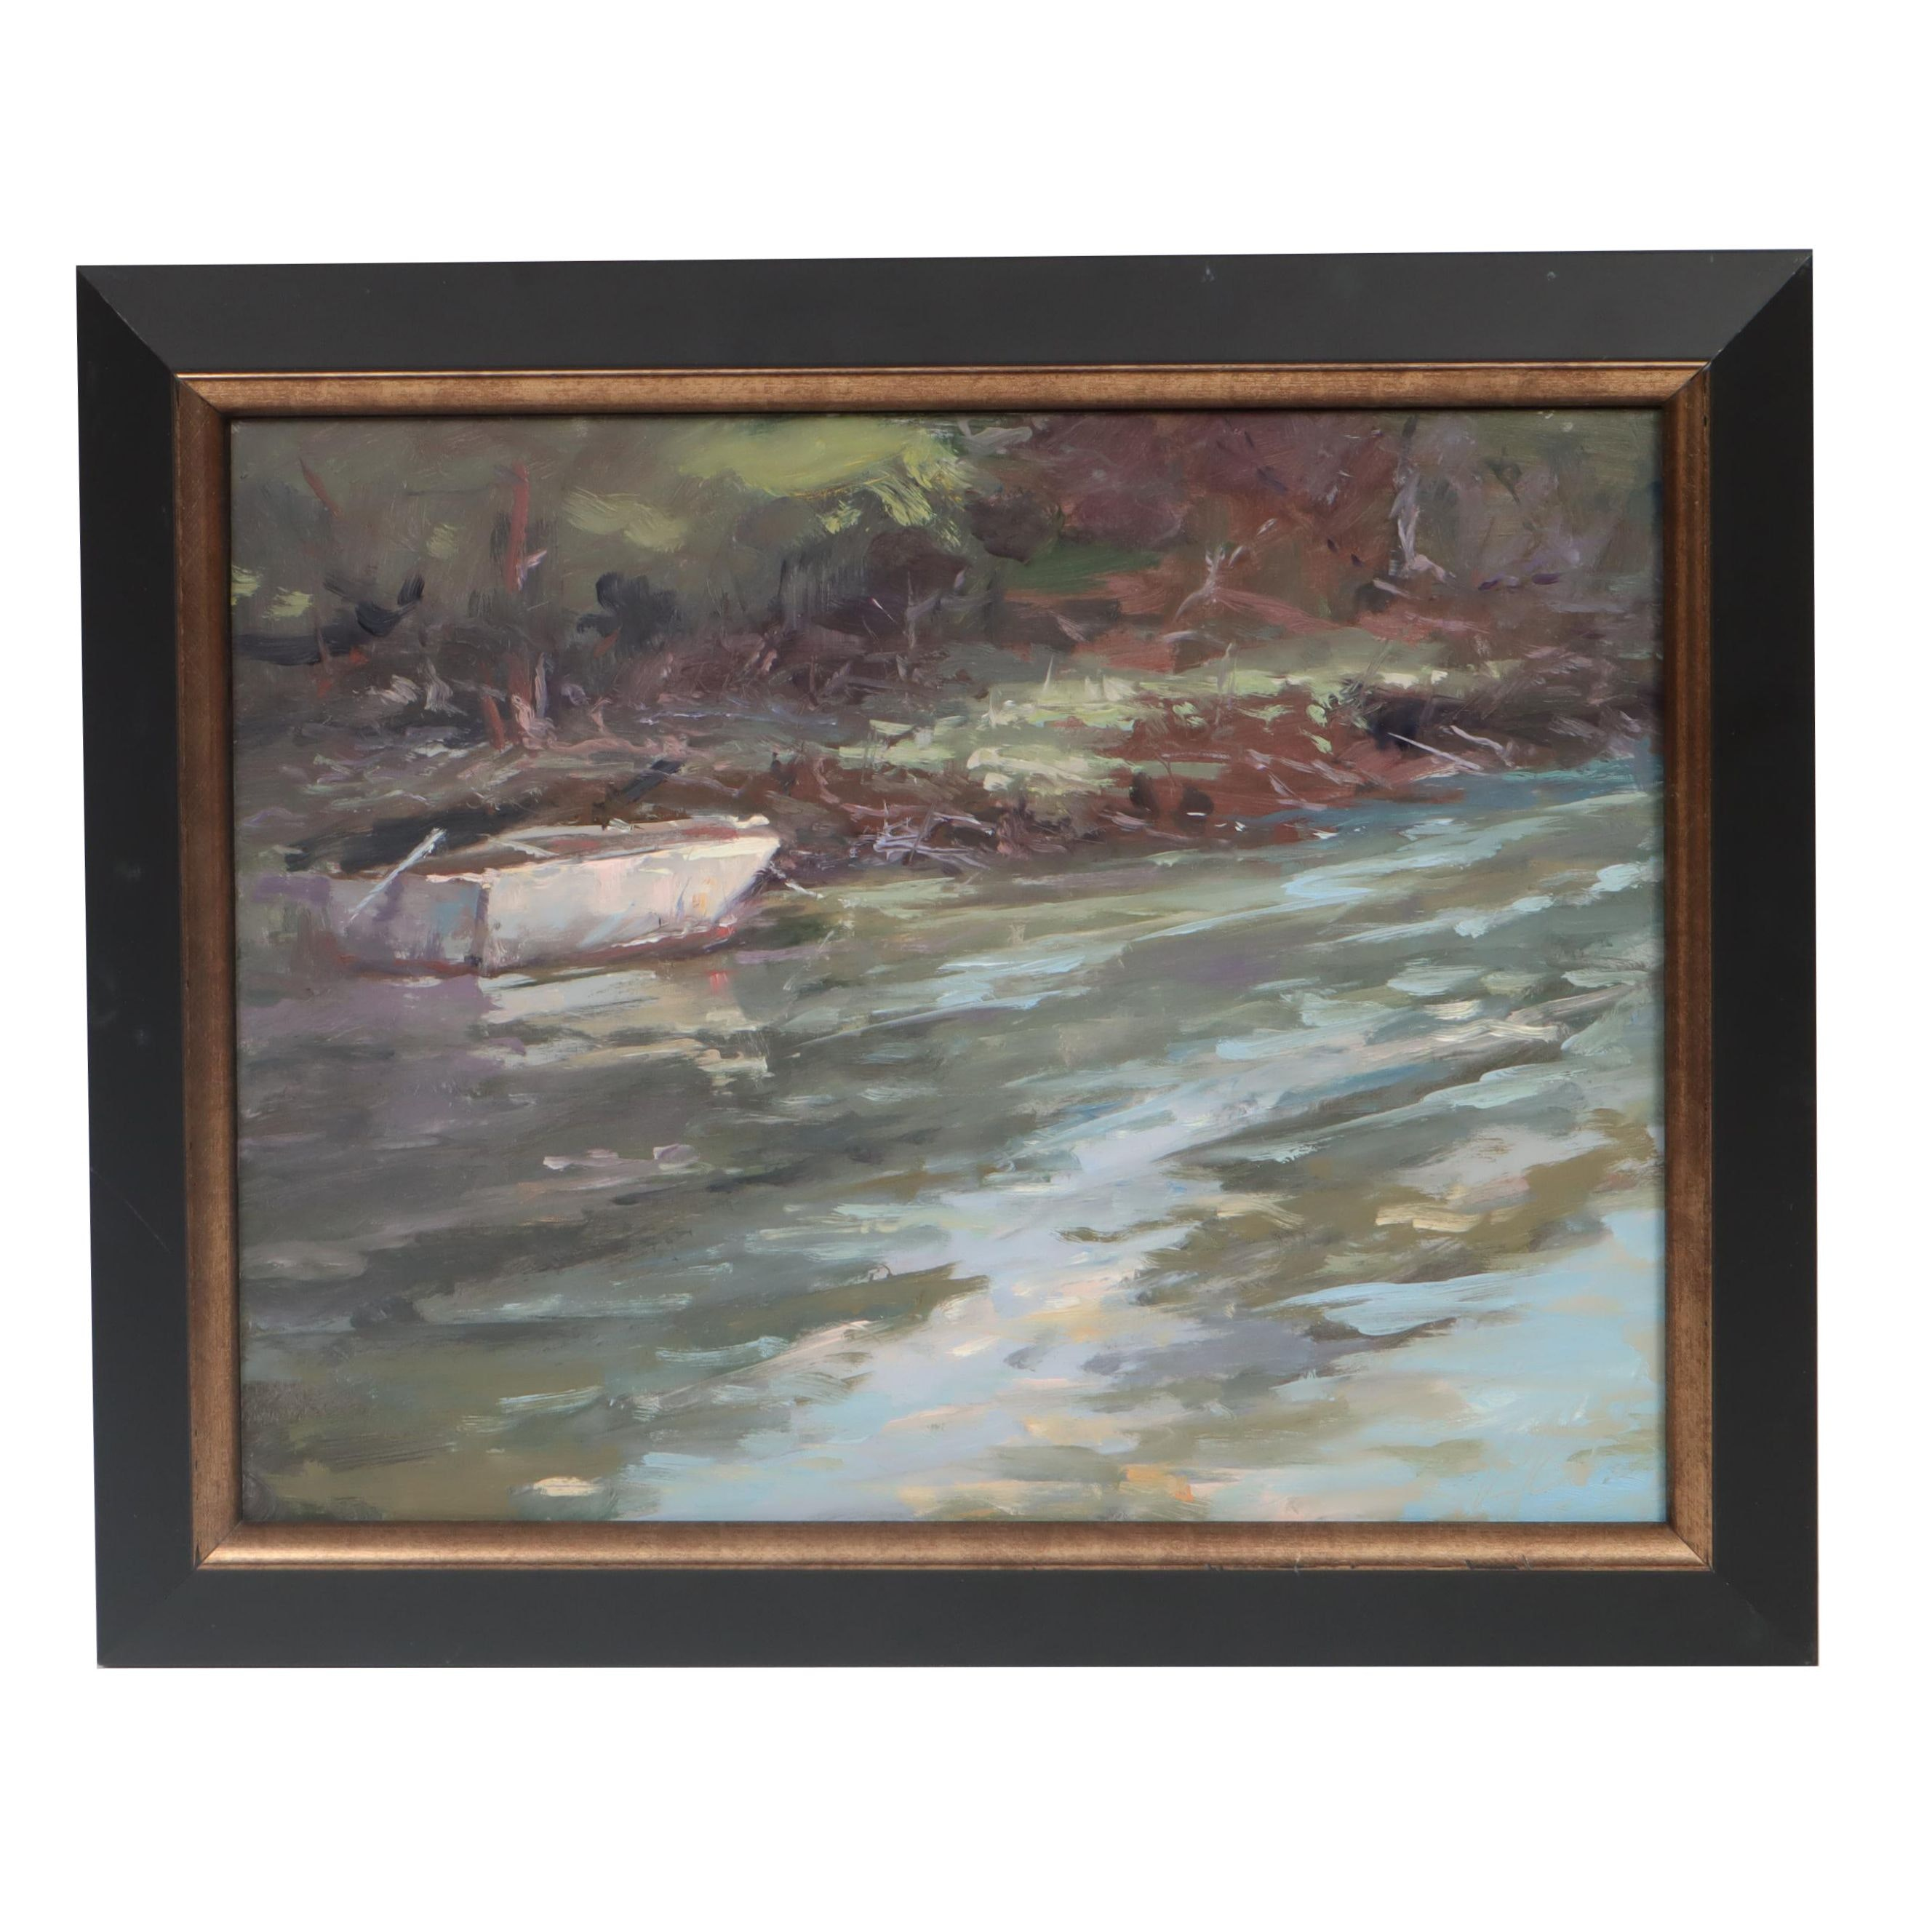 2017 Landscape Oil Painting